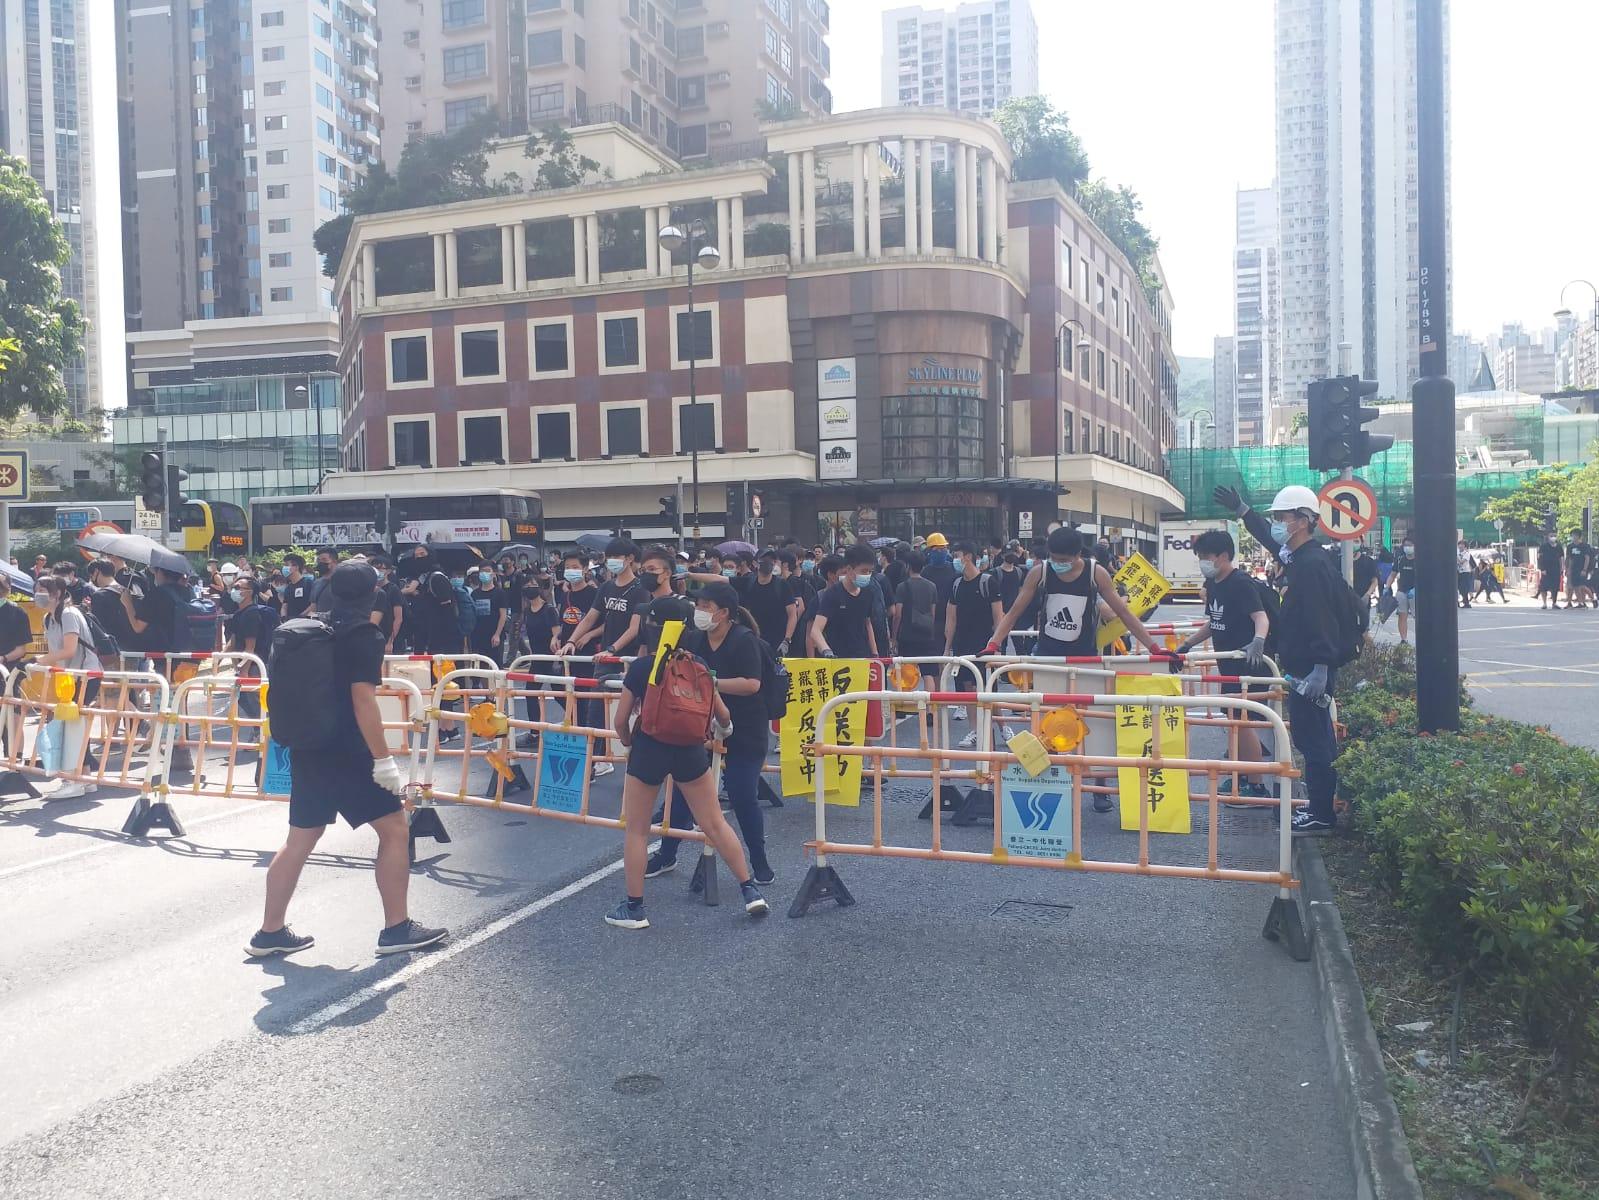 荃灣的示威人流轉往楊屋道